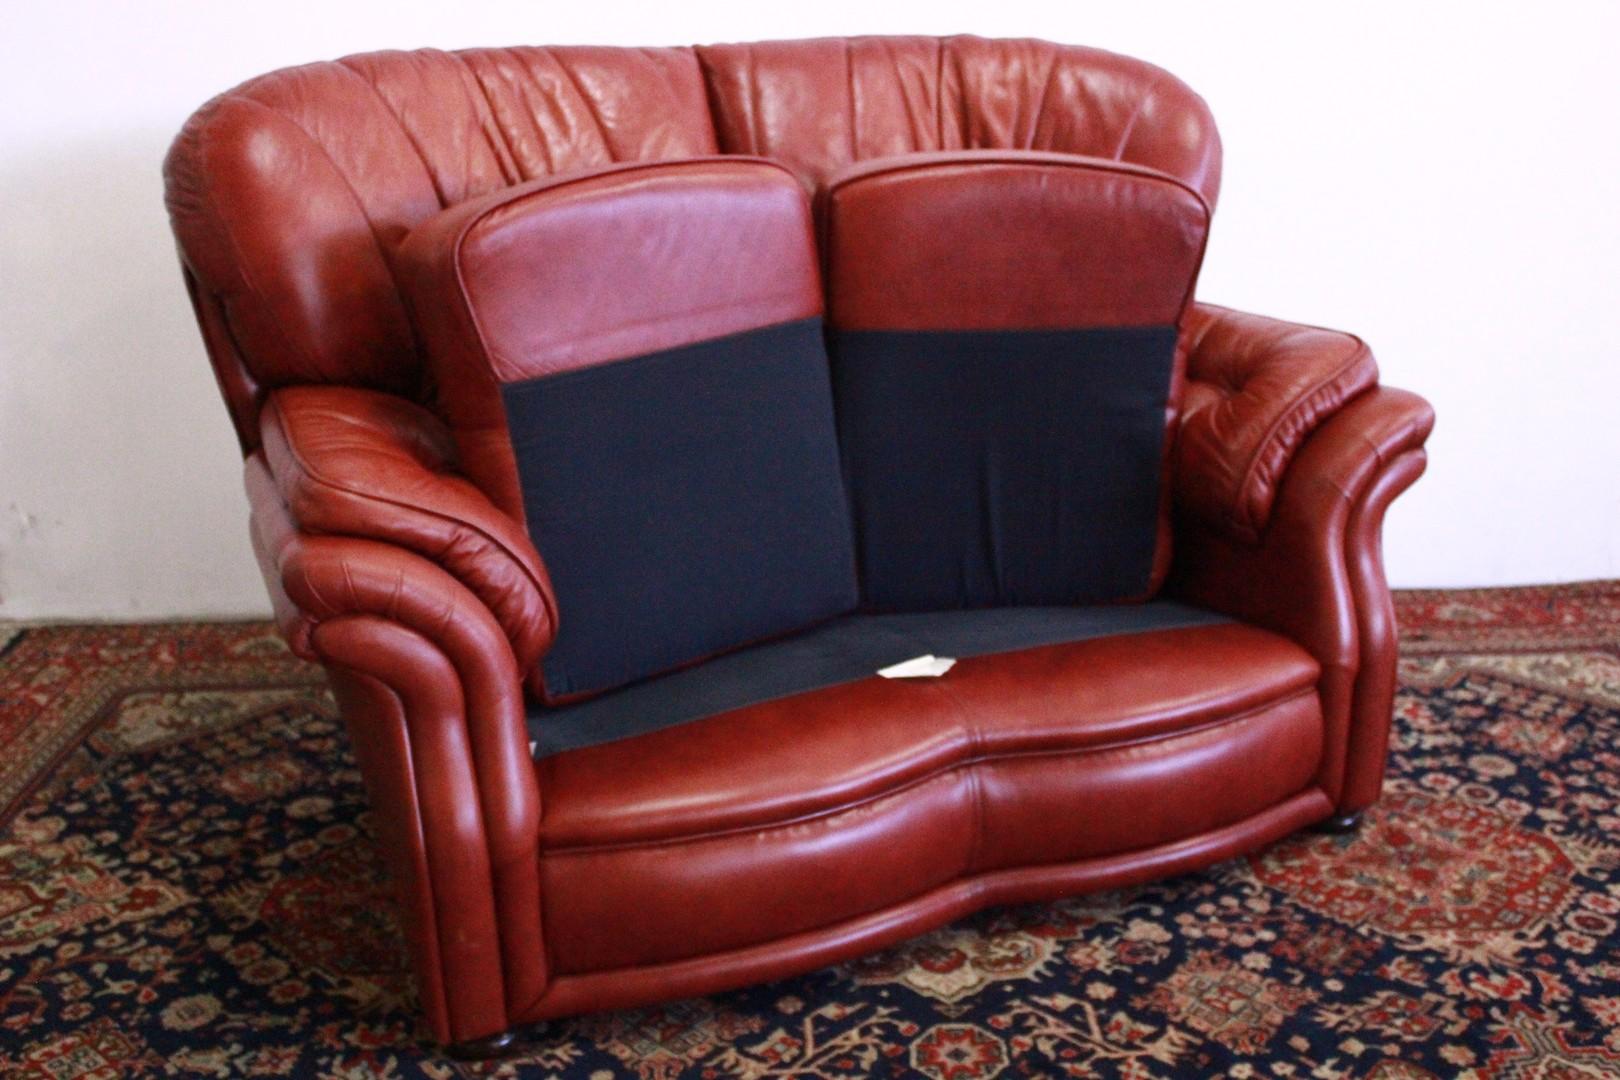 Divano 2 posti originale inglese in pelle mattone 728 divani originali chesterfield brescia - Divano in inglese ...